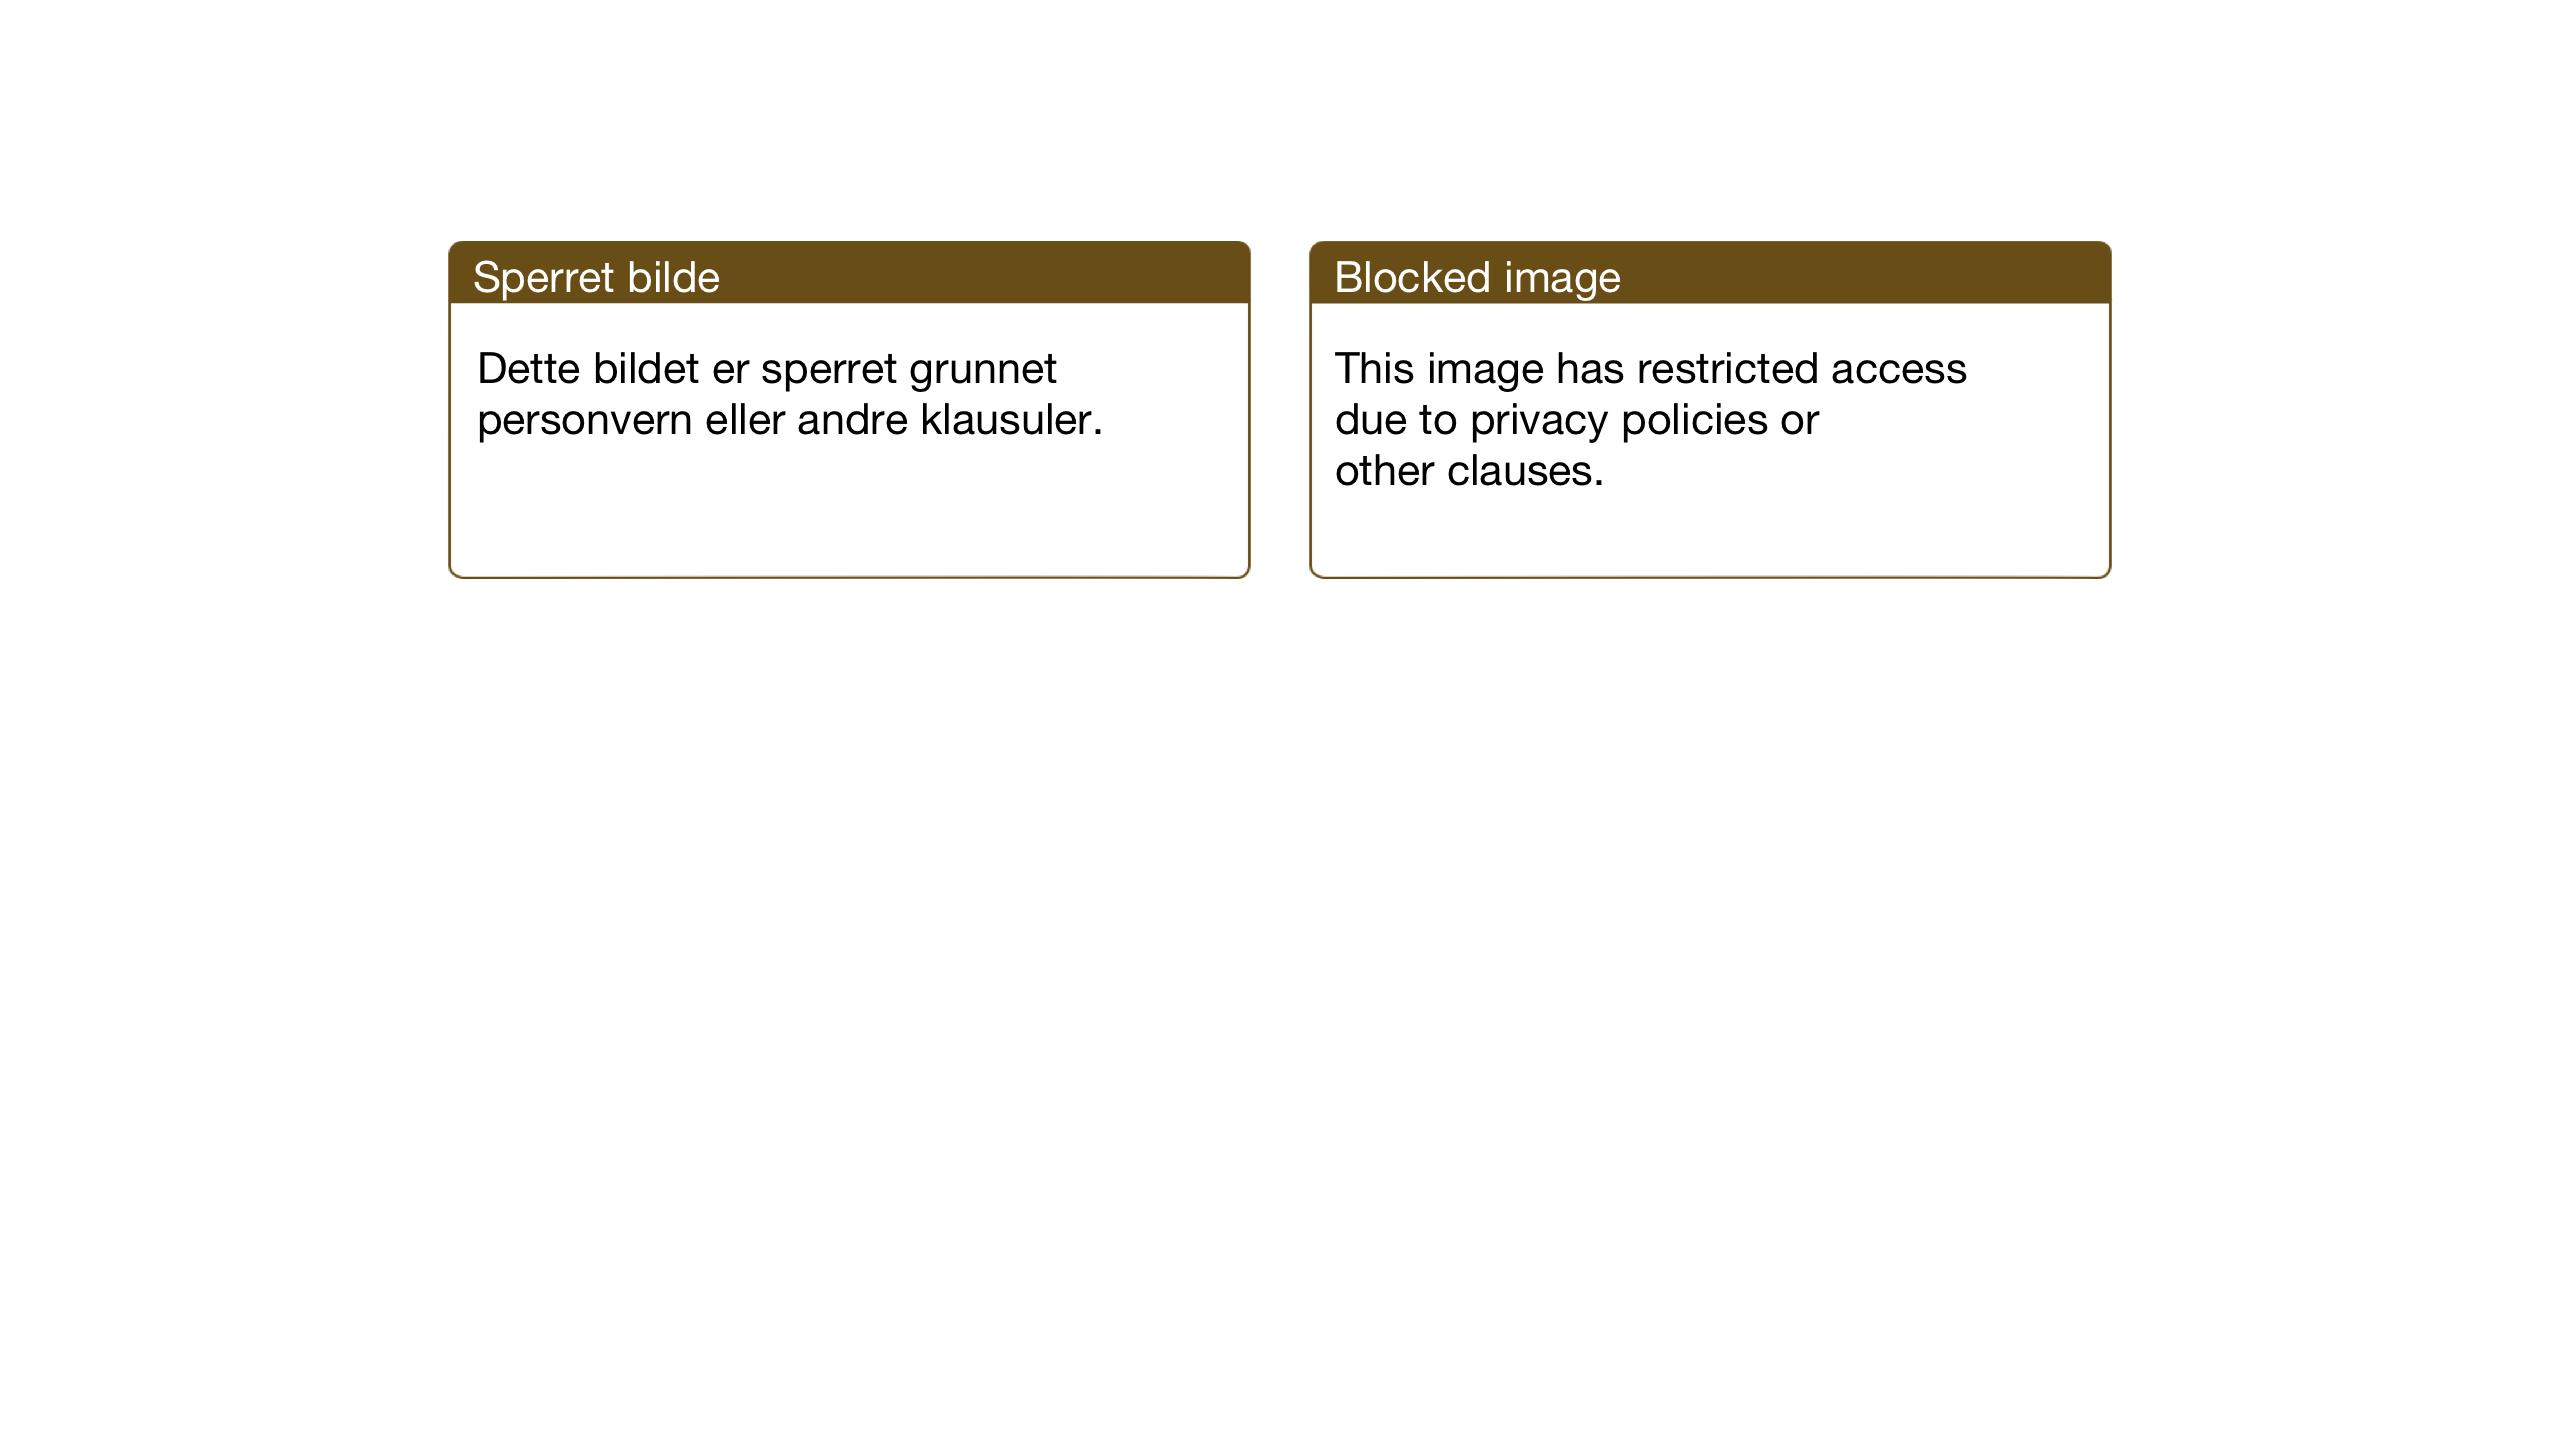 SAT, Ministerialprotokoller, klokkerbøker og fødselsregistre - Nord-Trøndelag, 710/L0097: Klokkerbok nr. 710C02, 1925-1955, s. 93